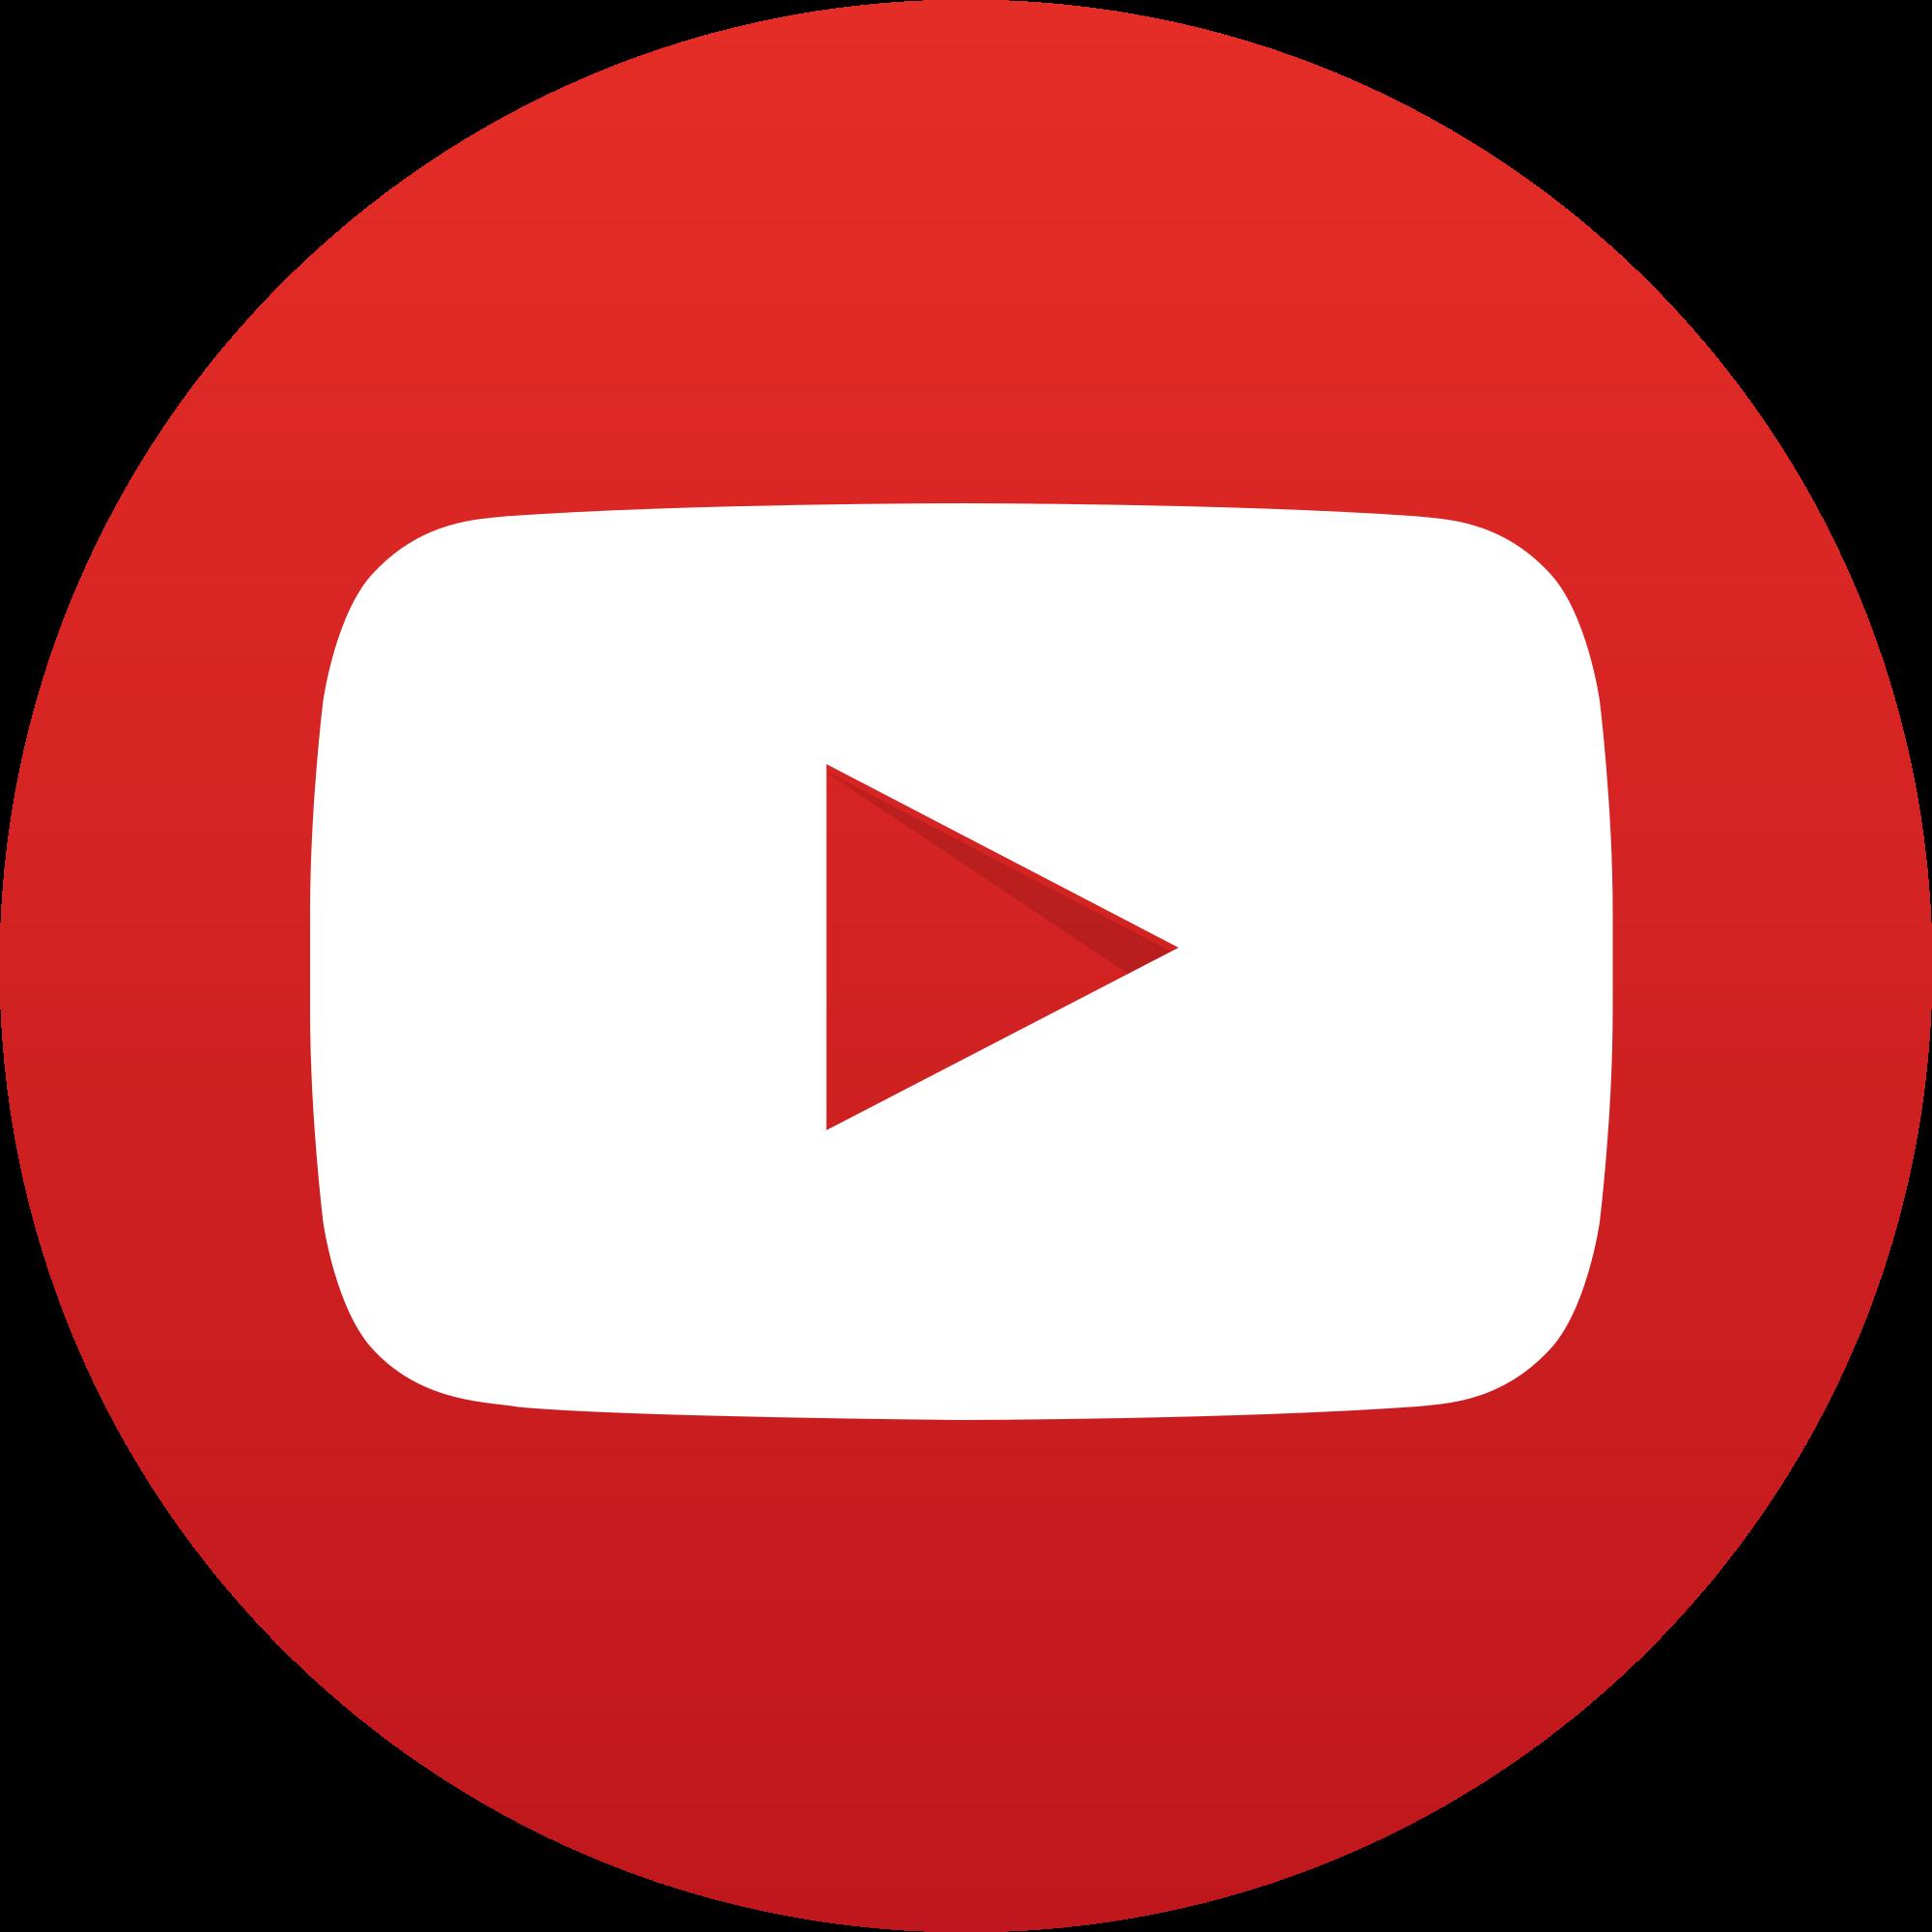 Youtube Prozon